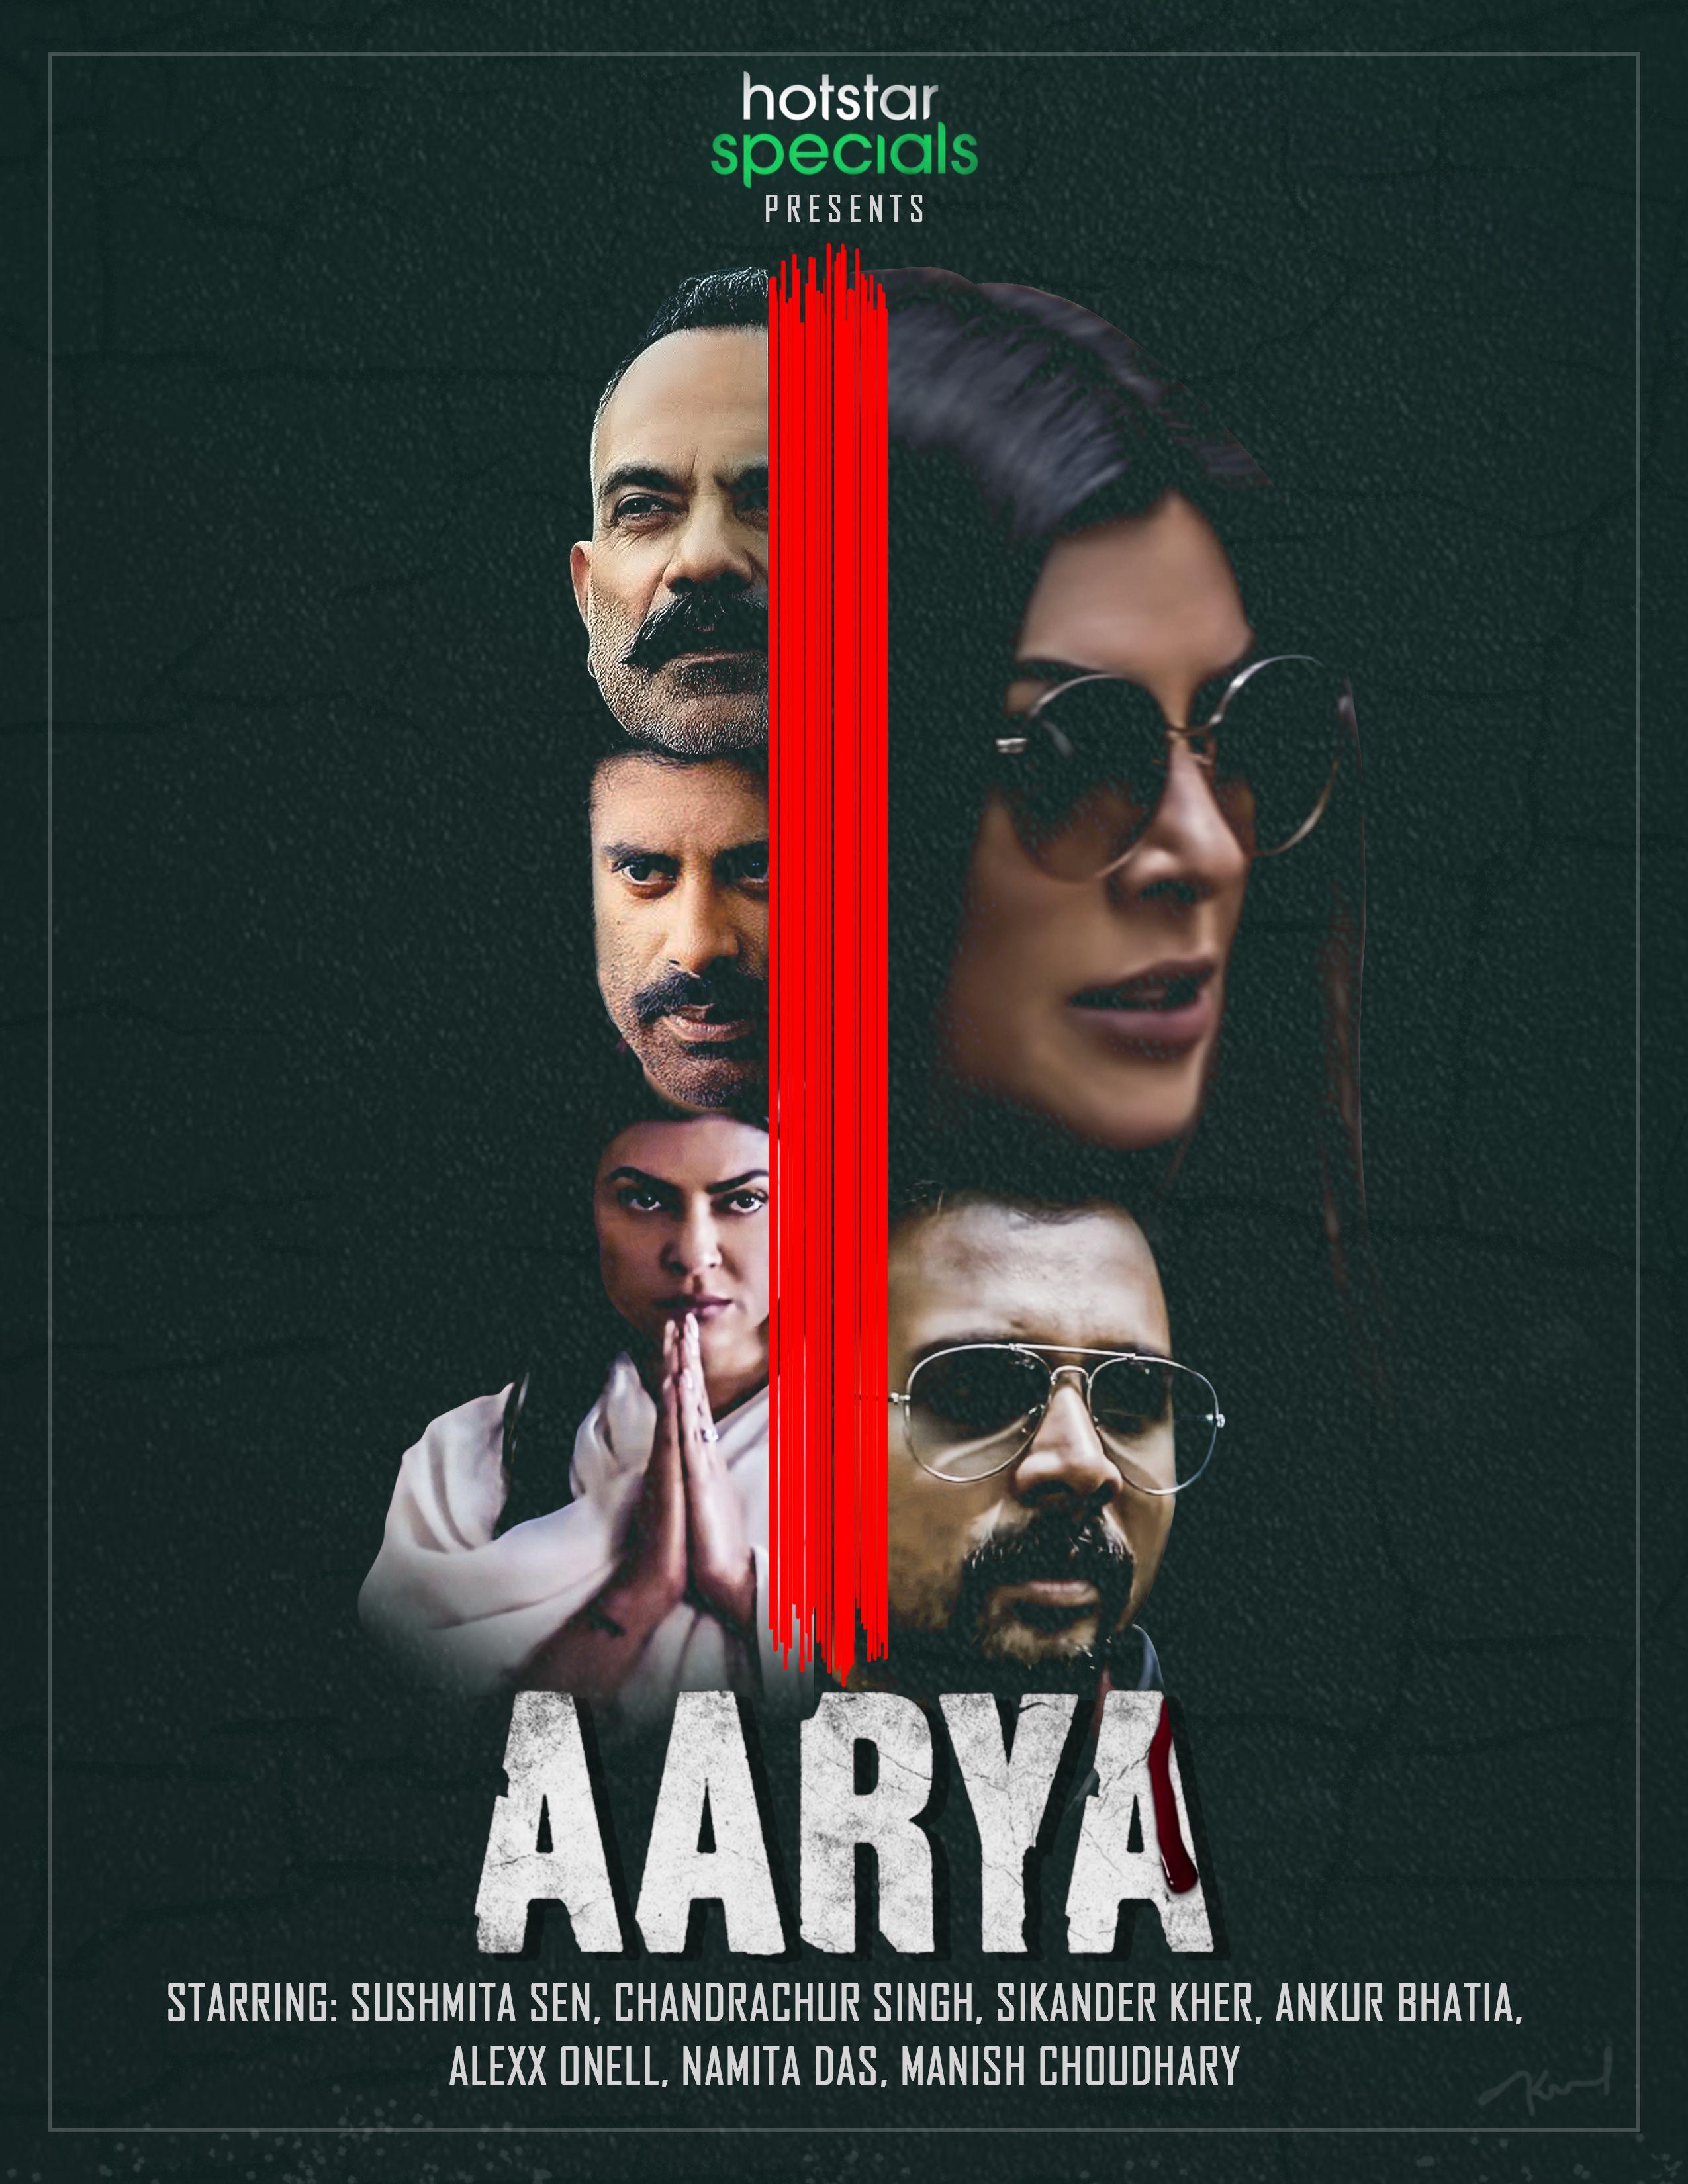 Aarya Movie Poster Design Nakul Anand Hotstar Aarya Movie 2020 In 2020 Movie Posters Design Aarya Movie Posters